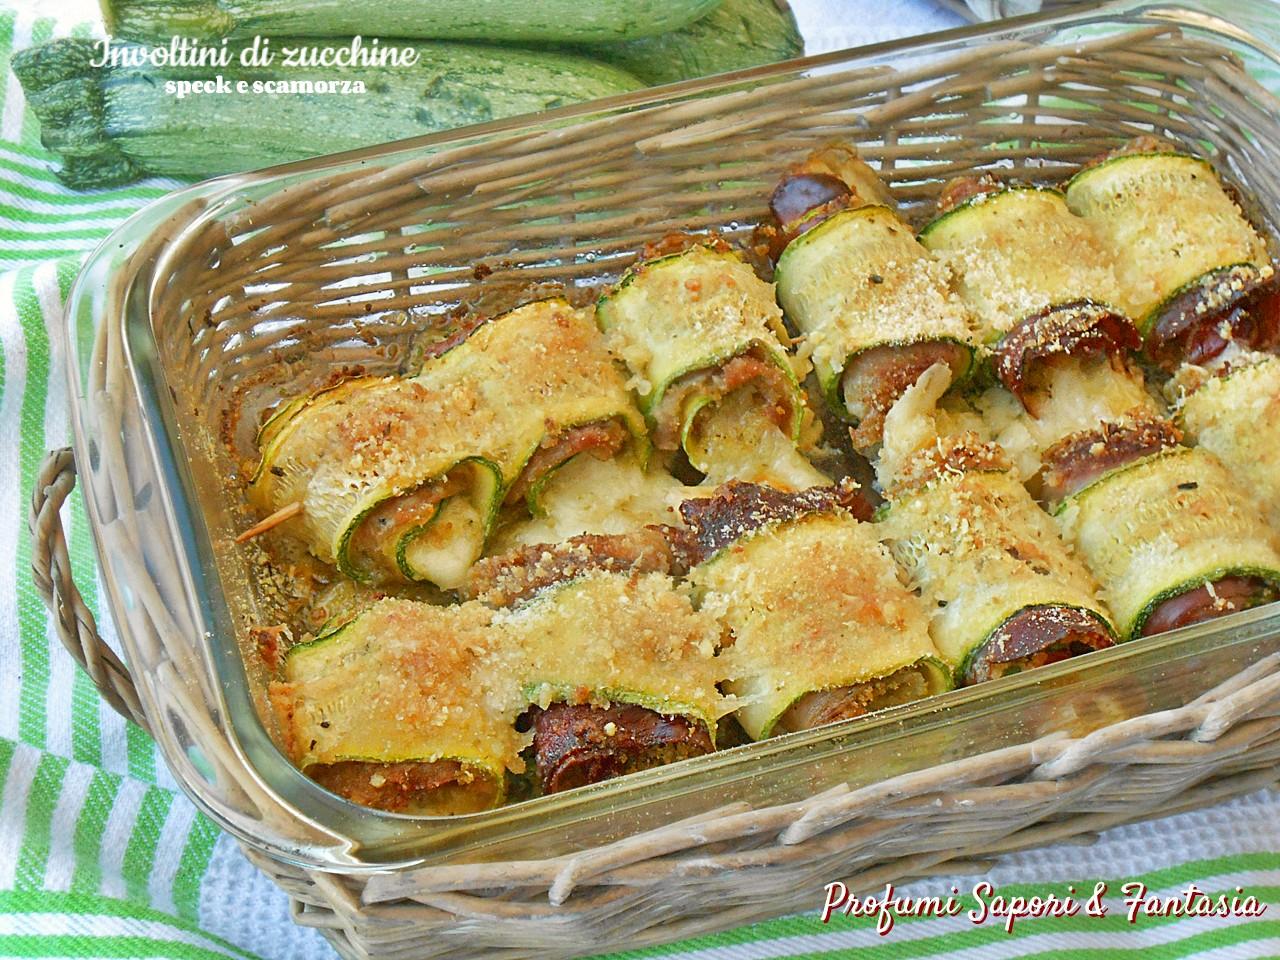 Involtini di zucchine speck e scamorza 3